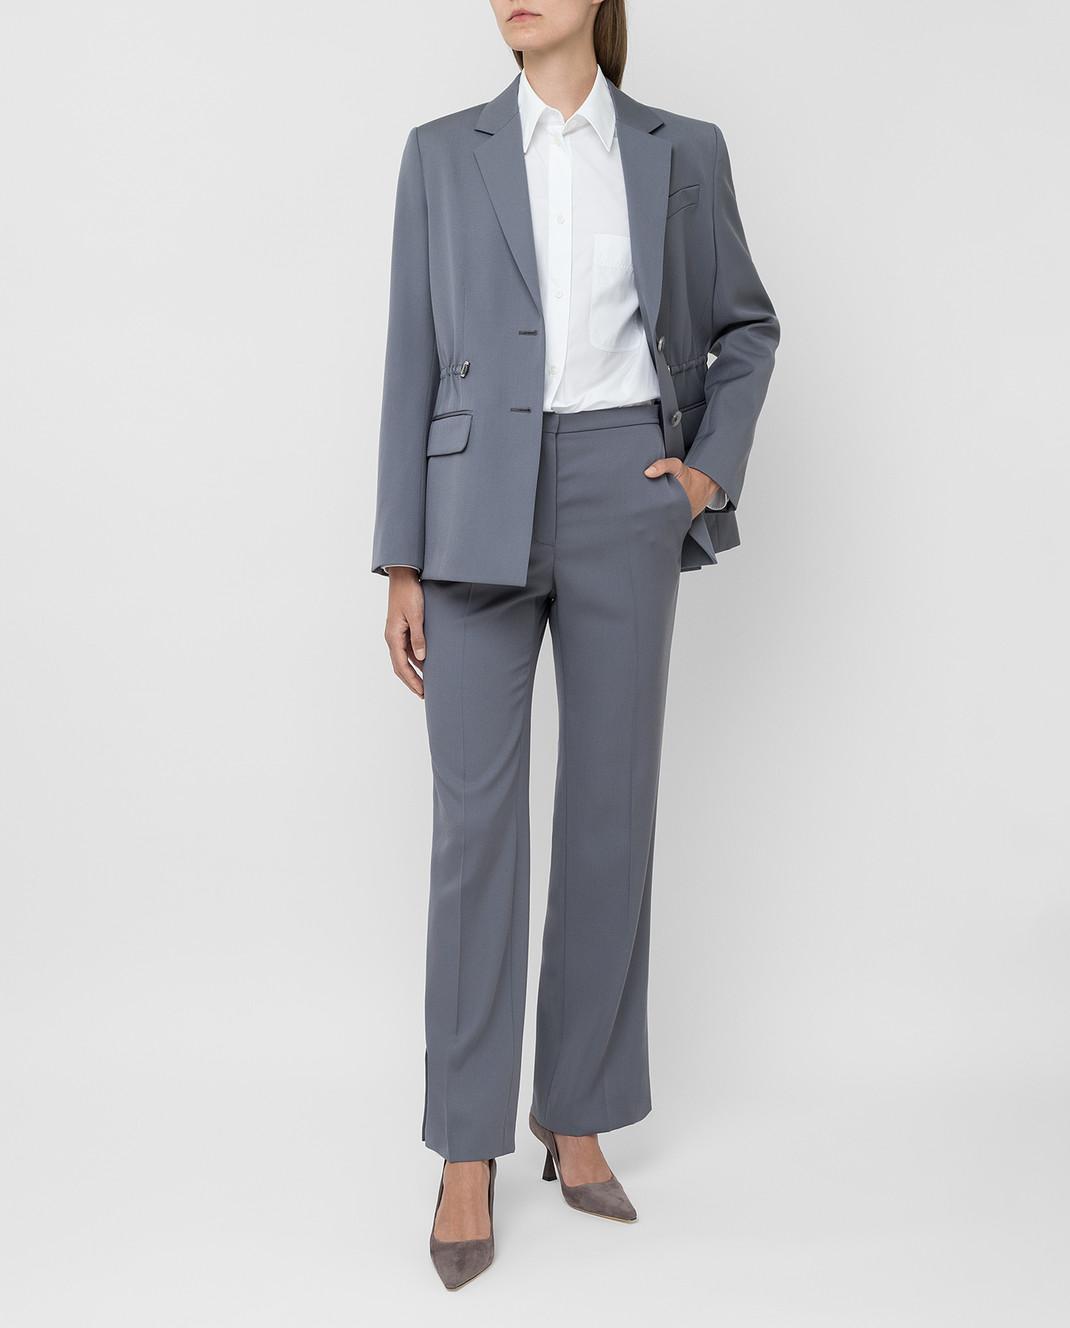 NINA RICCI Серые брюки из шерсти изображение 2